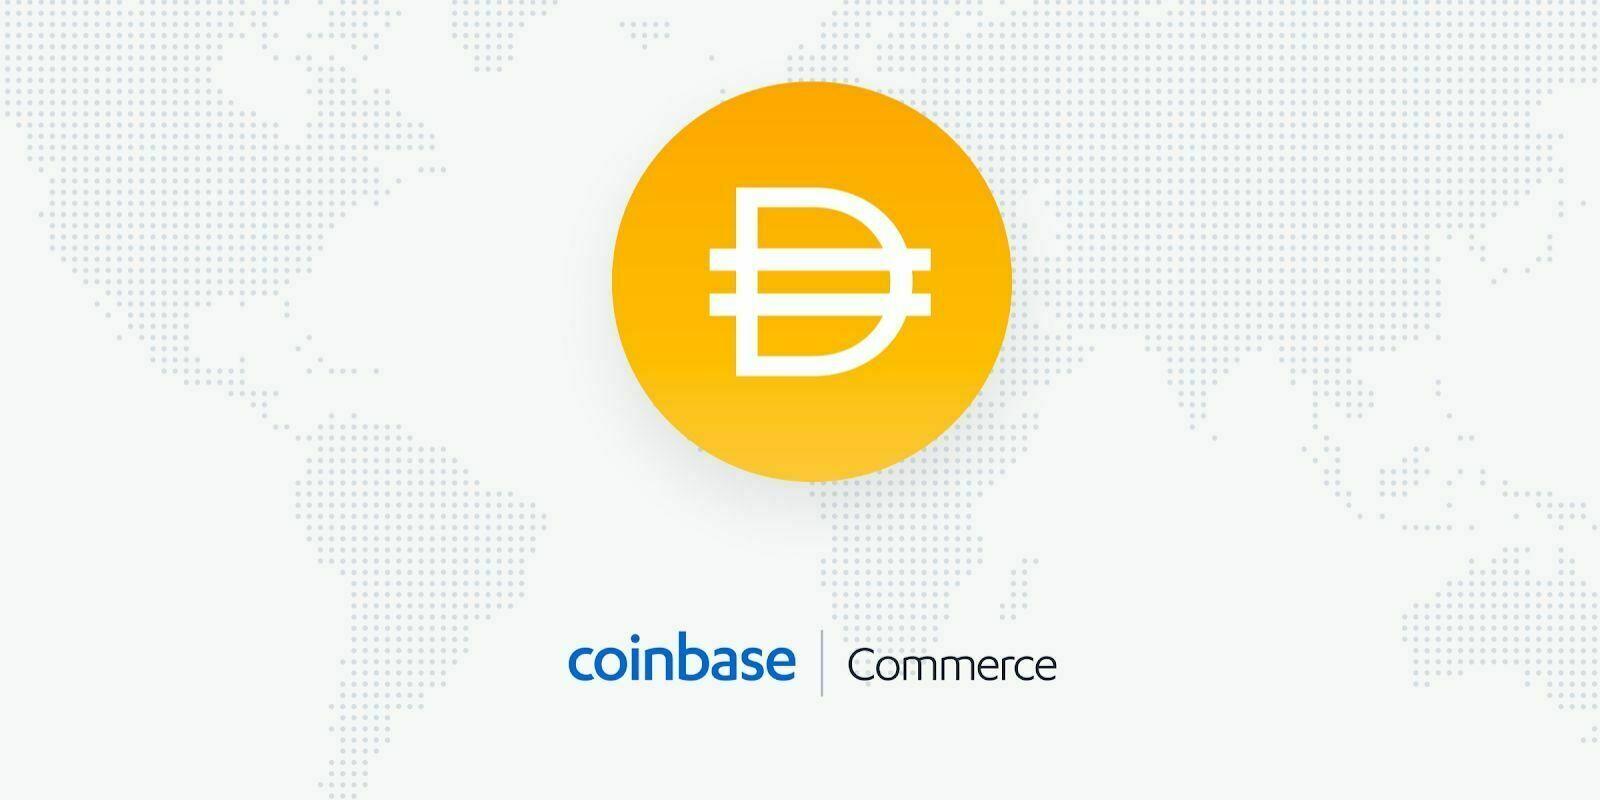 Coinbase Commerce ajoute le Dai comme option de paiement pour les commerçants